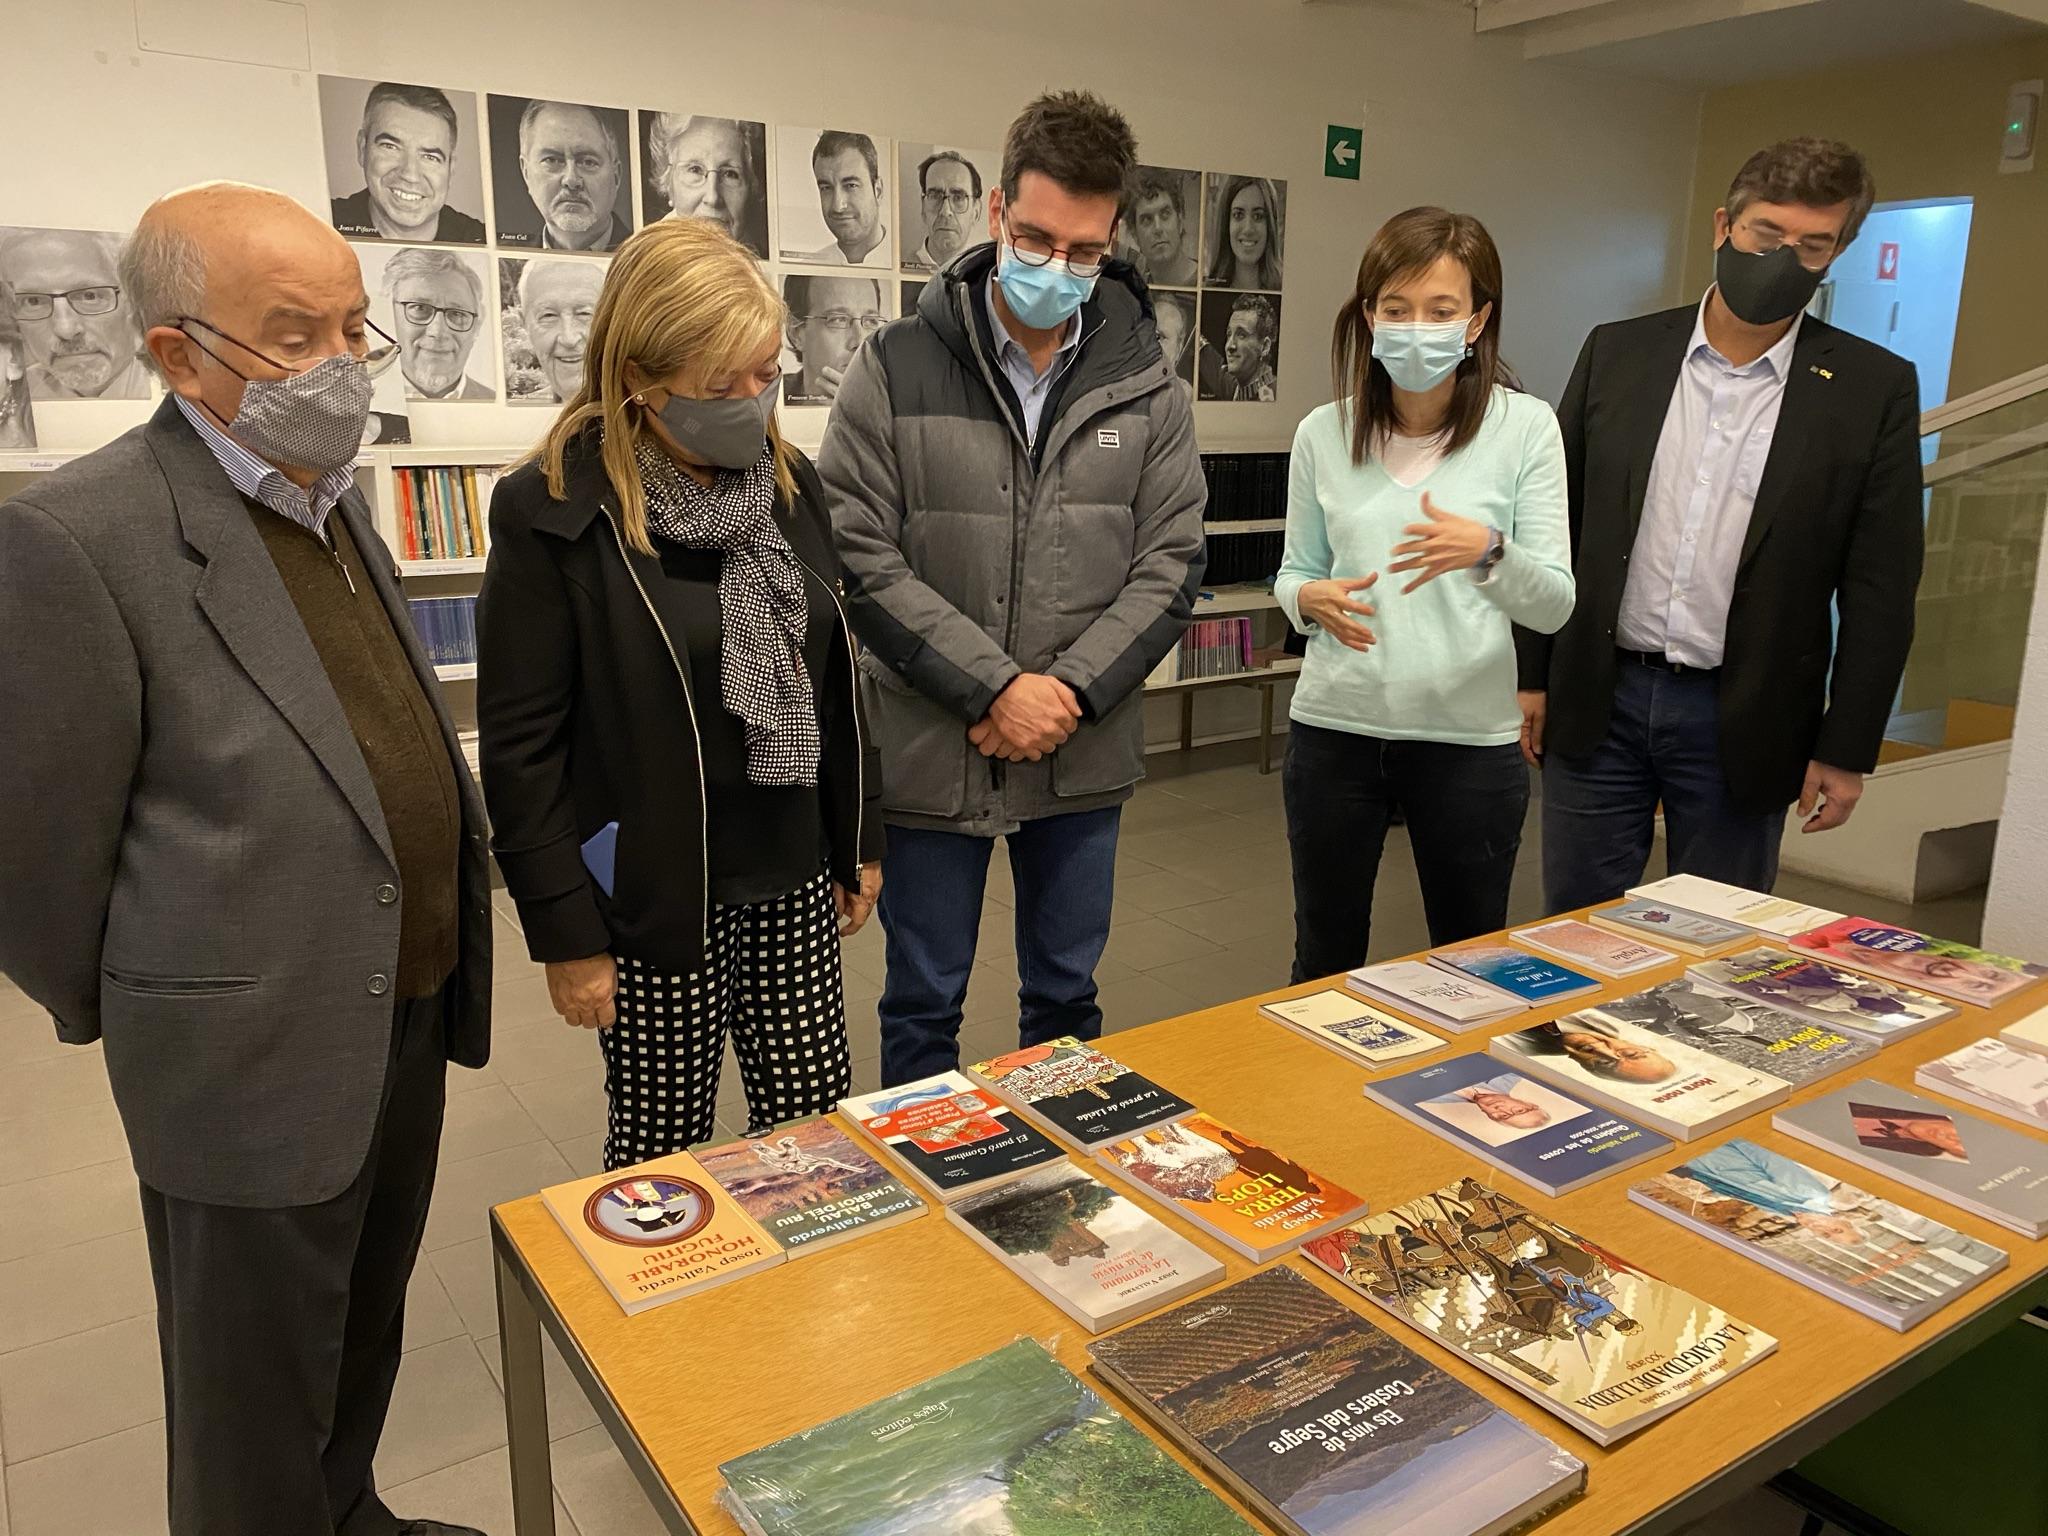 La consellera de Cultura de la Generalitat, Àngels Ponsa, visita Pagès Editors